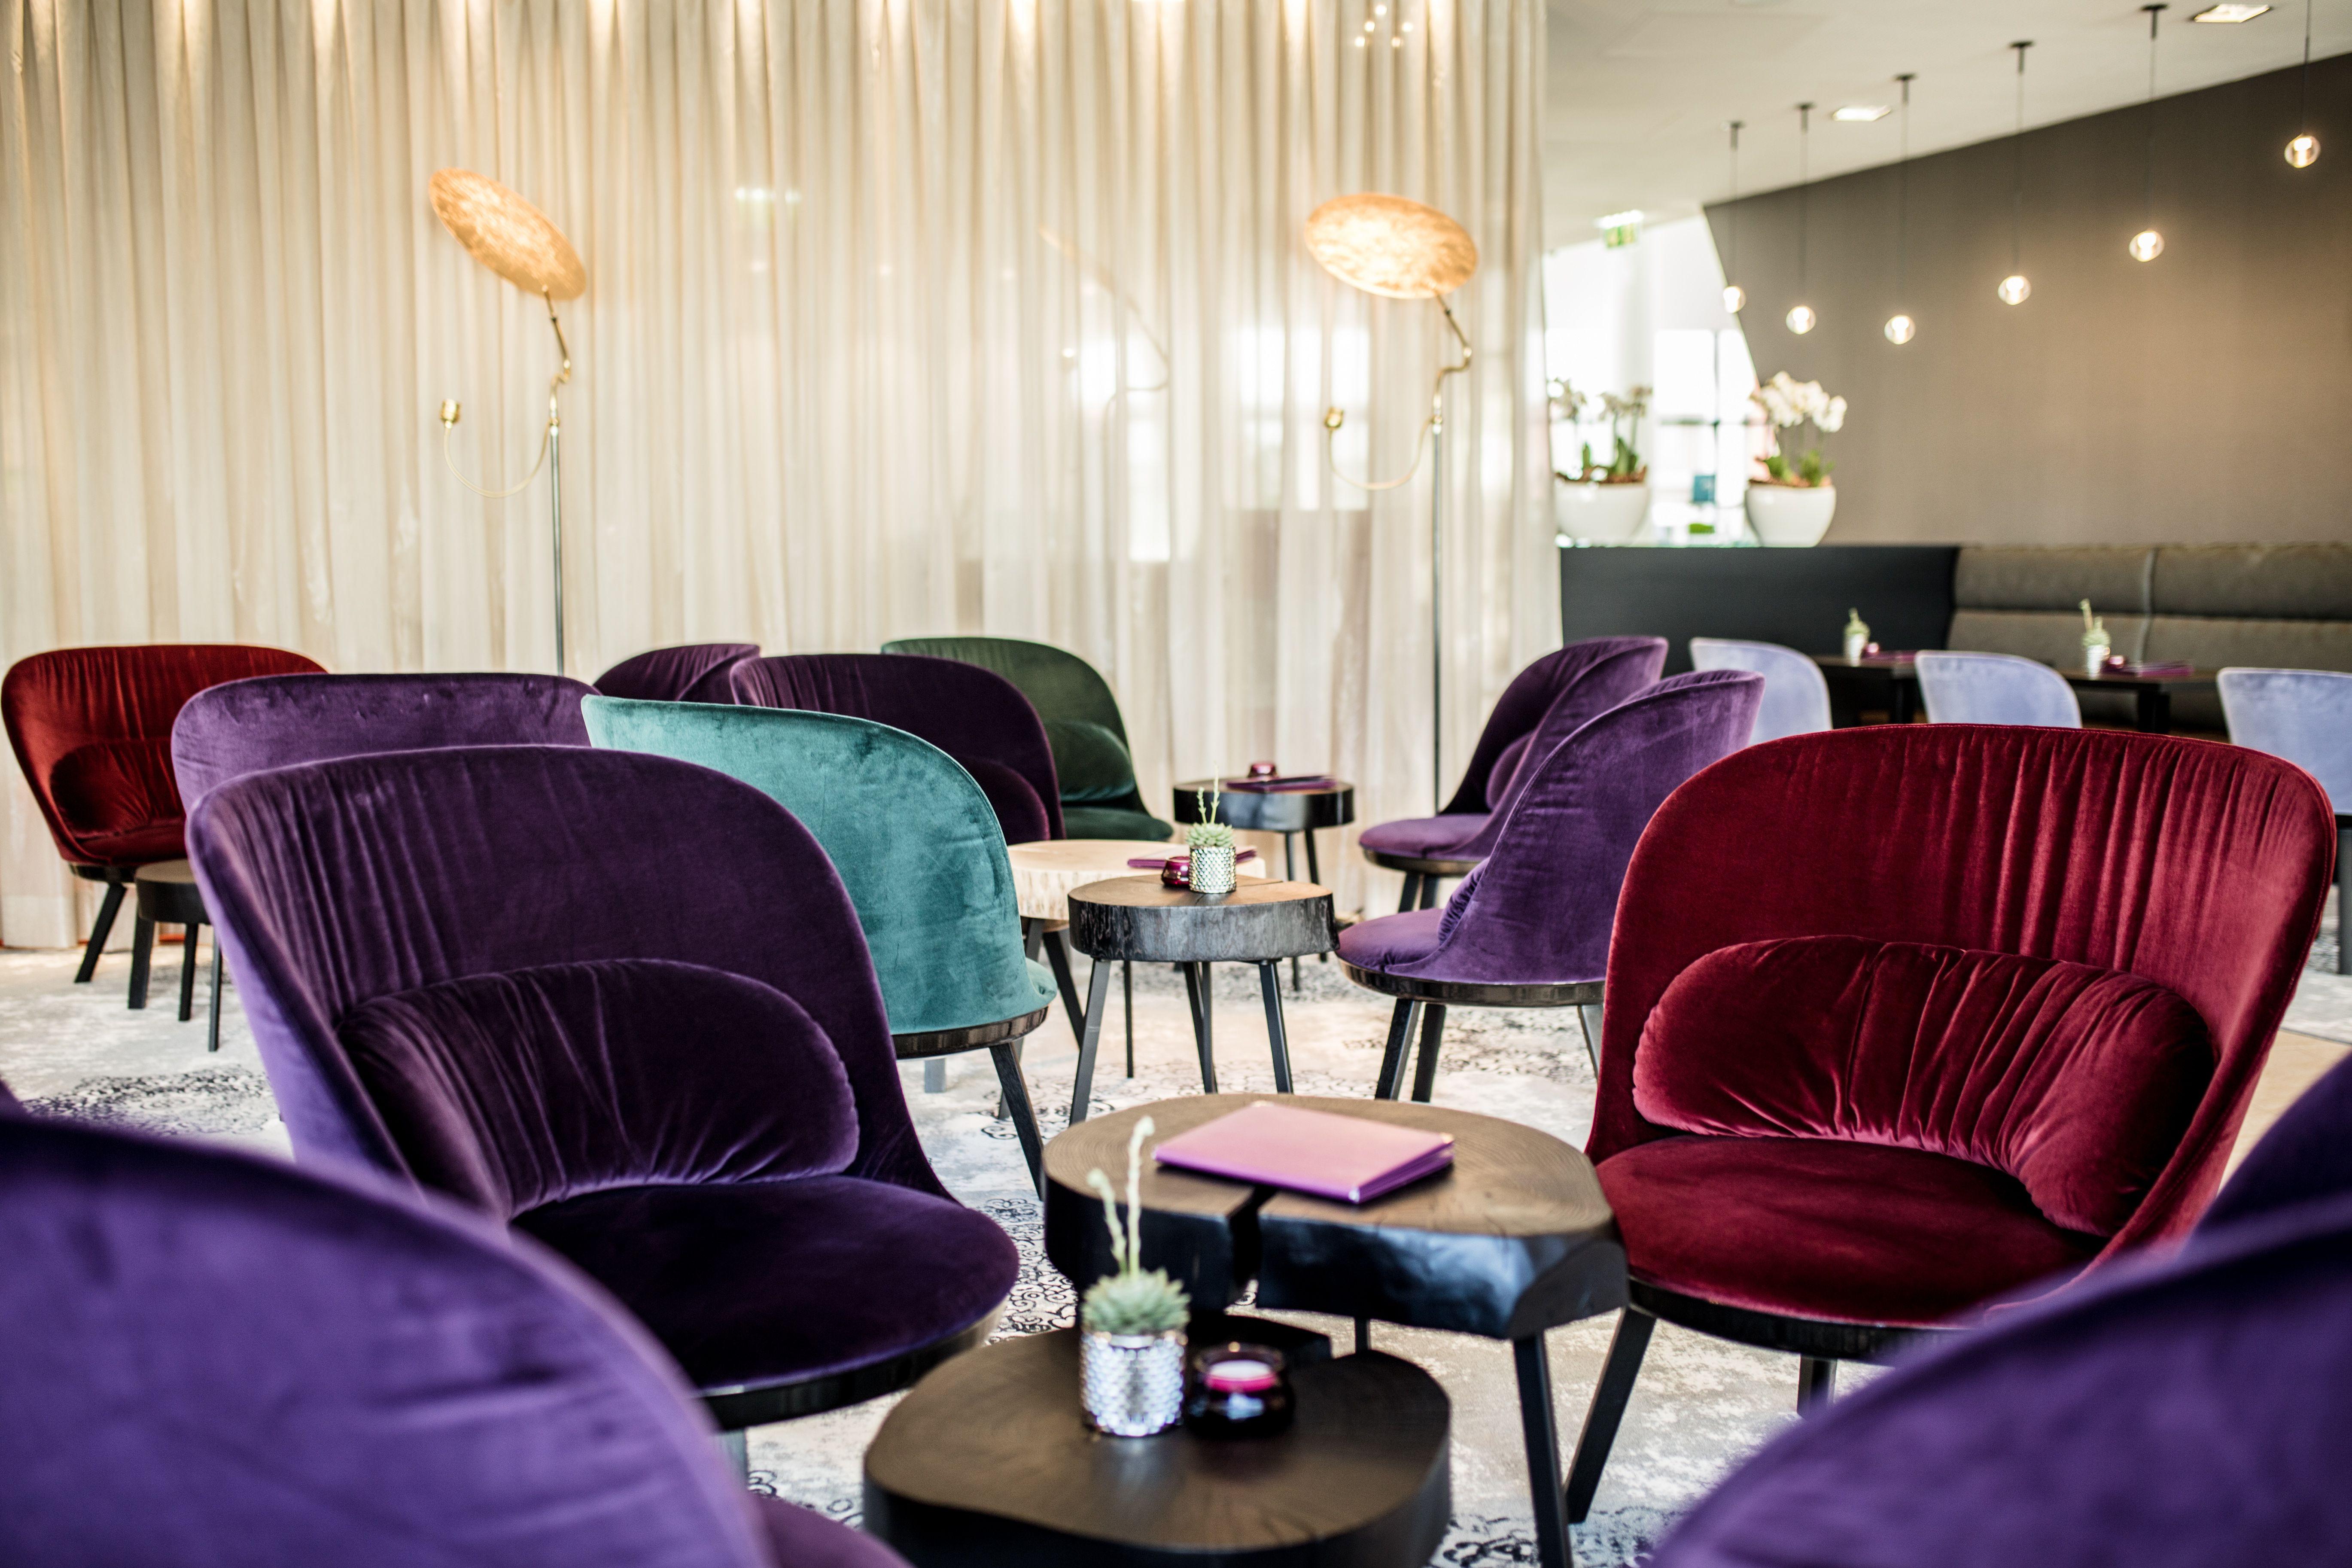 Neuer Bar- und Loungebereich im Thermenhotel Karawankenhof in ...